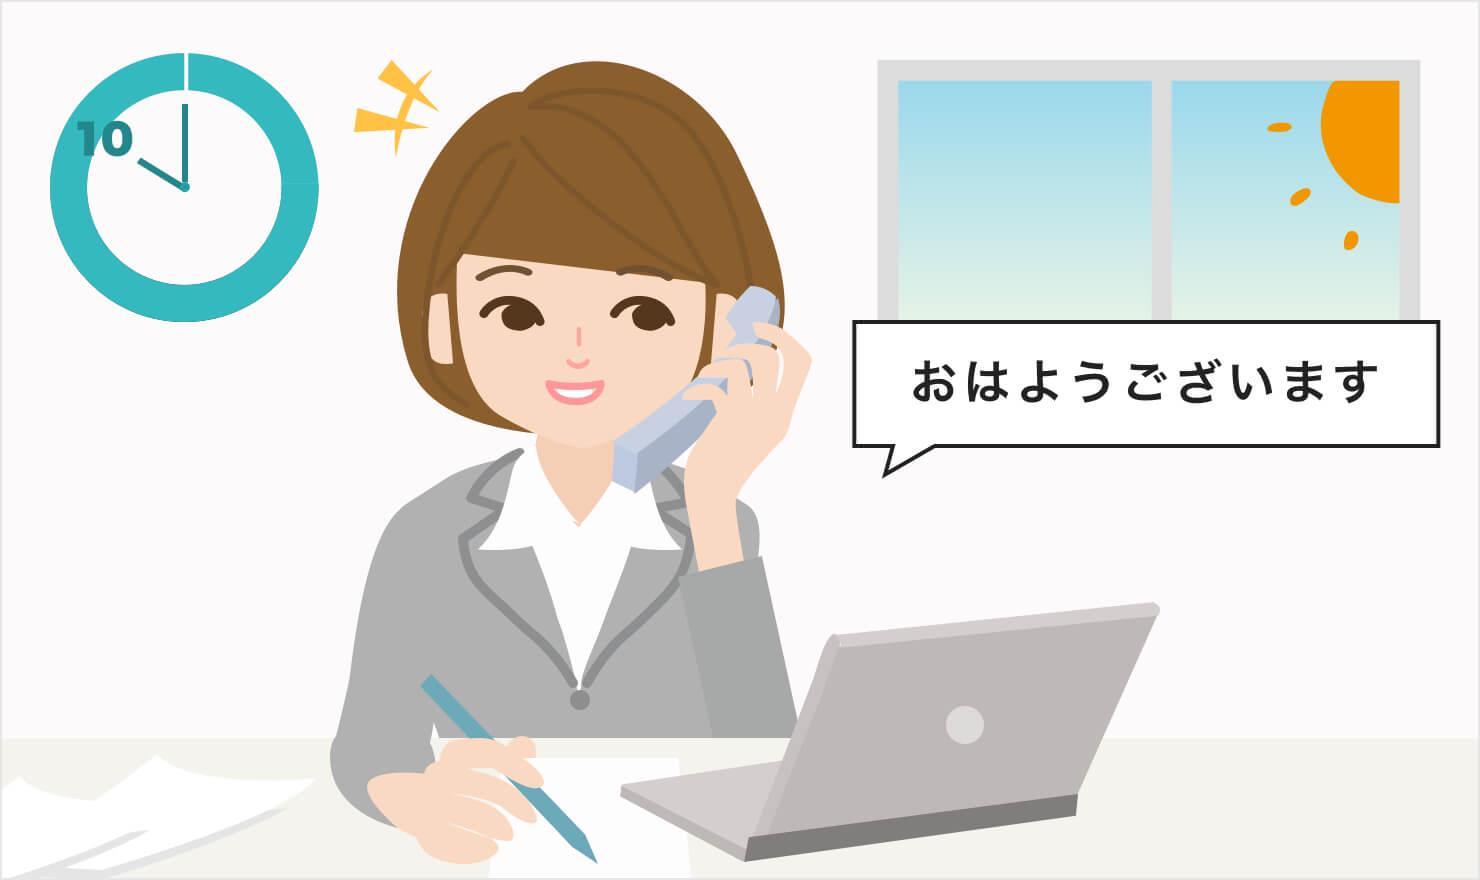 【マニュアル付き】円滑なコミュニケーションができる電話応対の正しいマナー